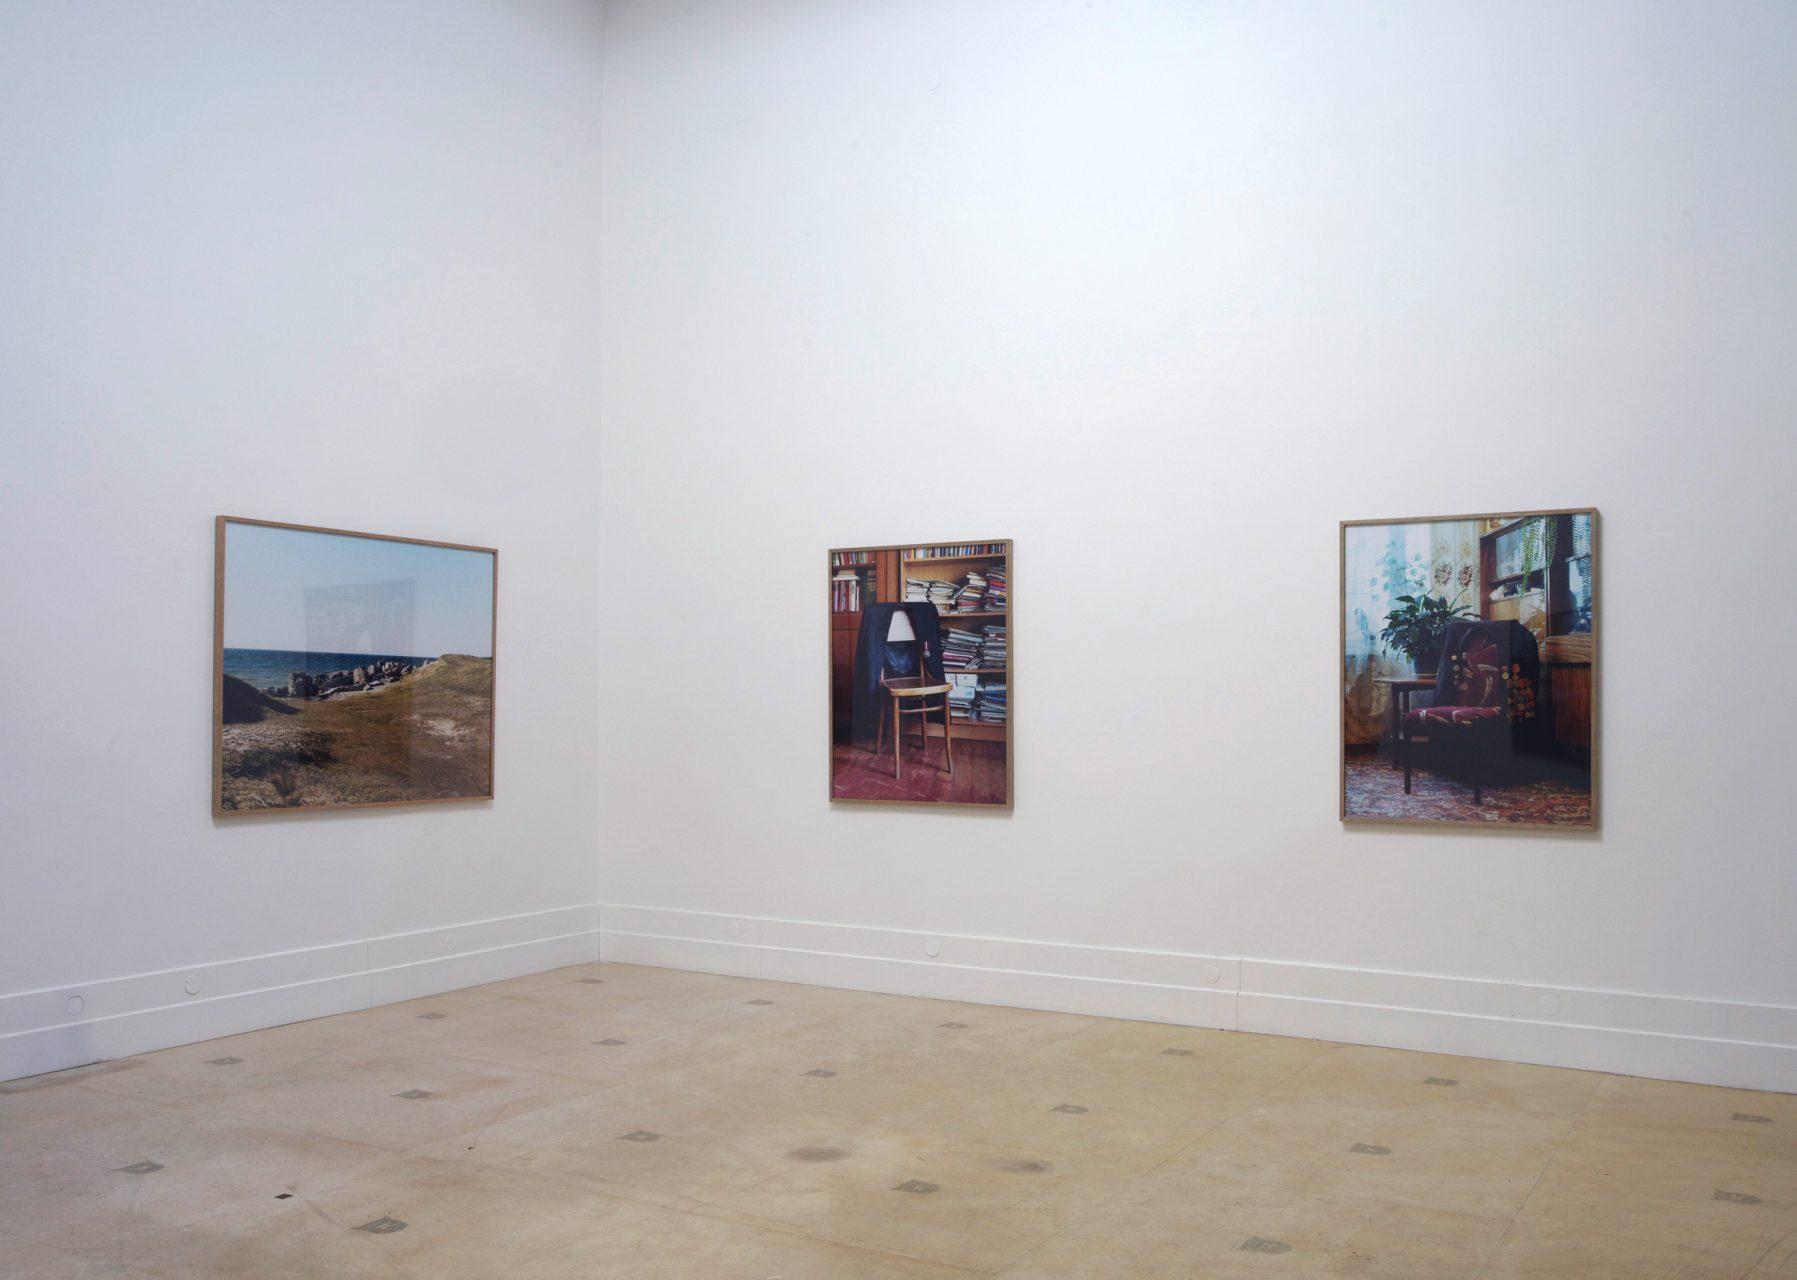 Anastasia Khoroshilova, Die Übrigen, Diehl Cube, Berlin, Germany, 2015